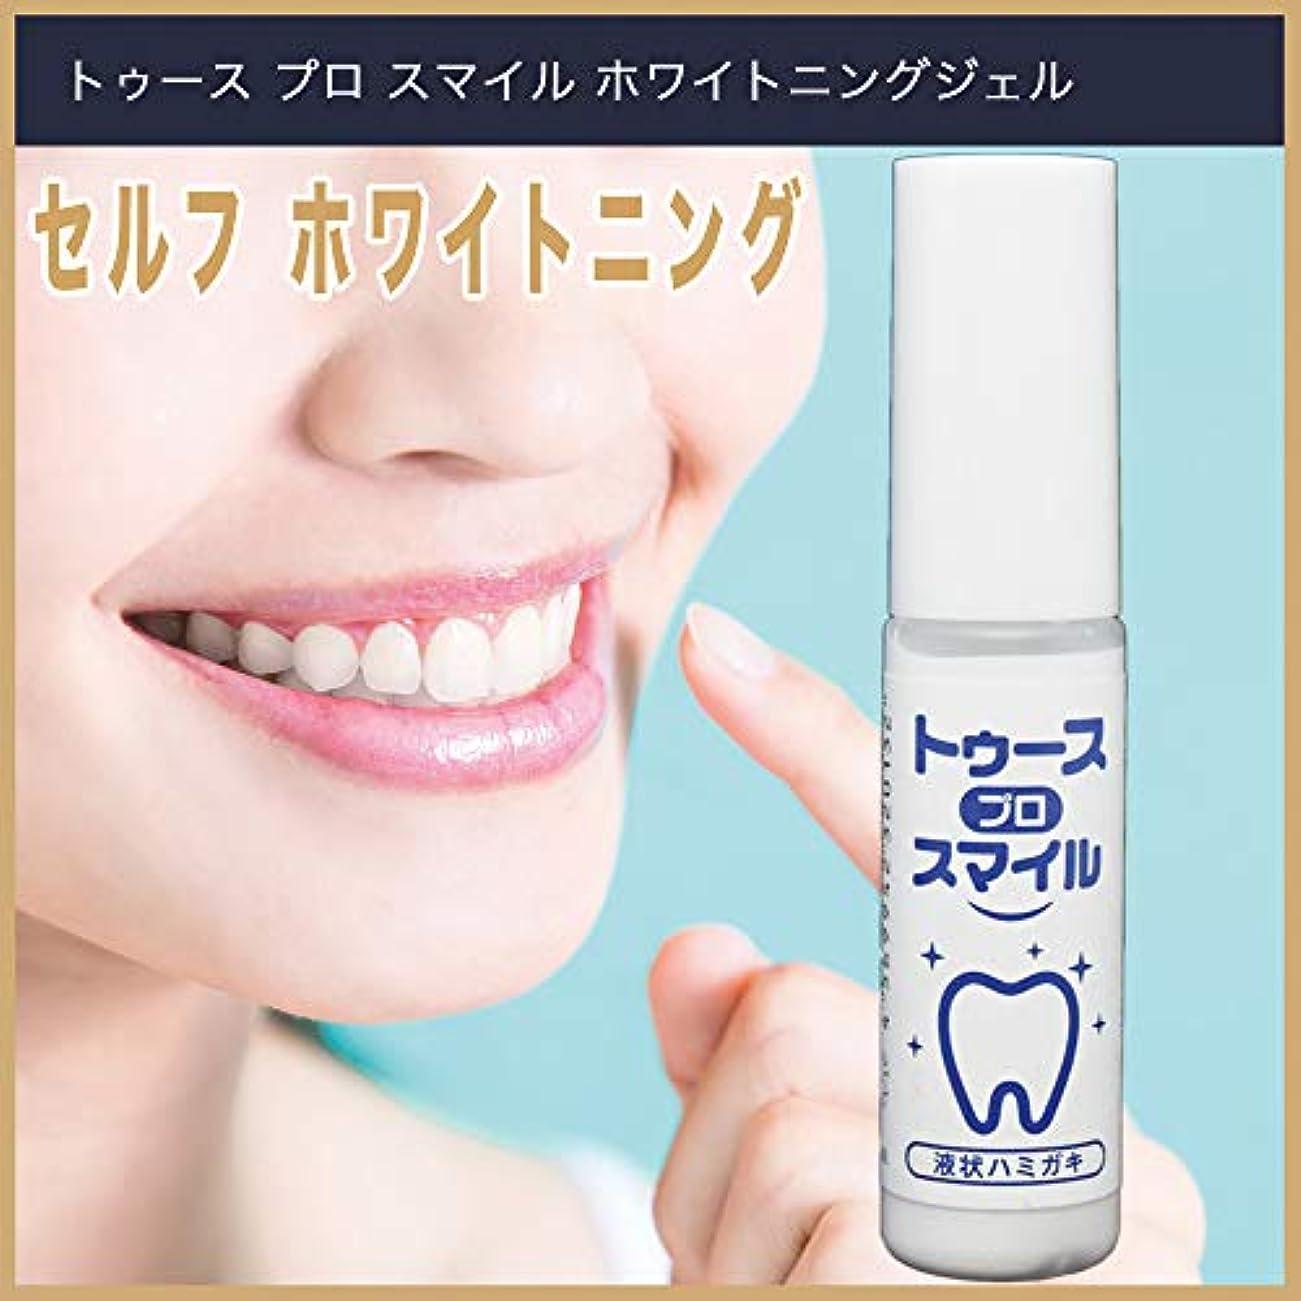 父方のフロントしたがって【日本製】ホワイトニング ジェル「トゥース プロ スマイル」15ml / LEDホワイトニング機器用 口腔化粧品/歯 セルフホワイトニング